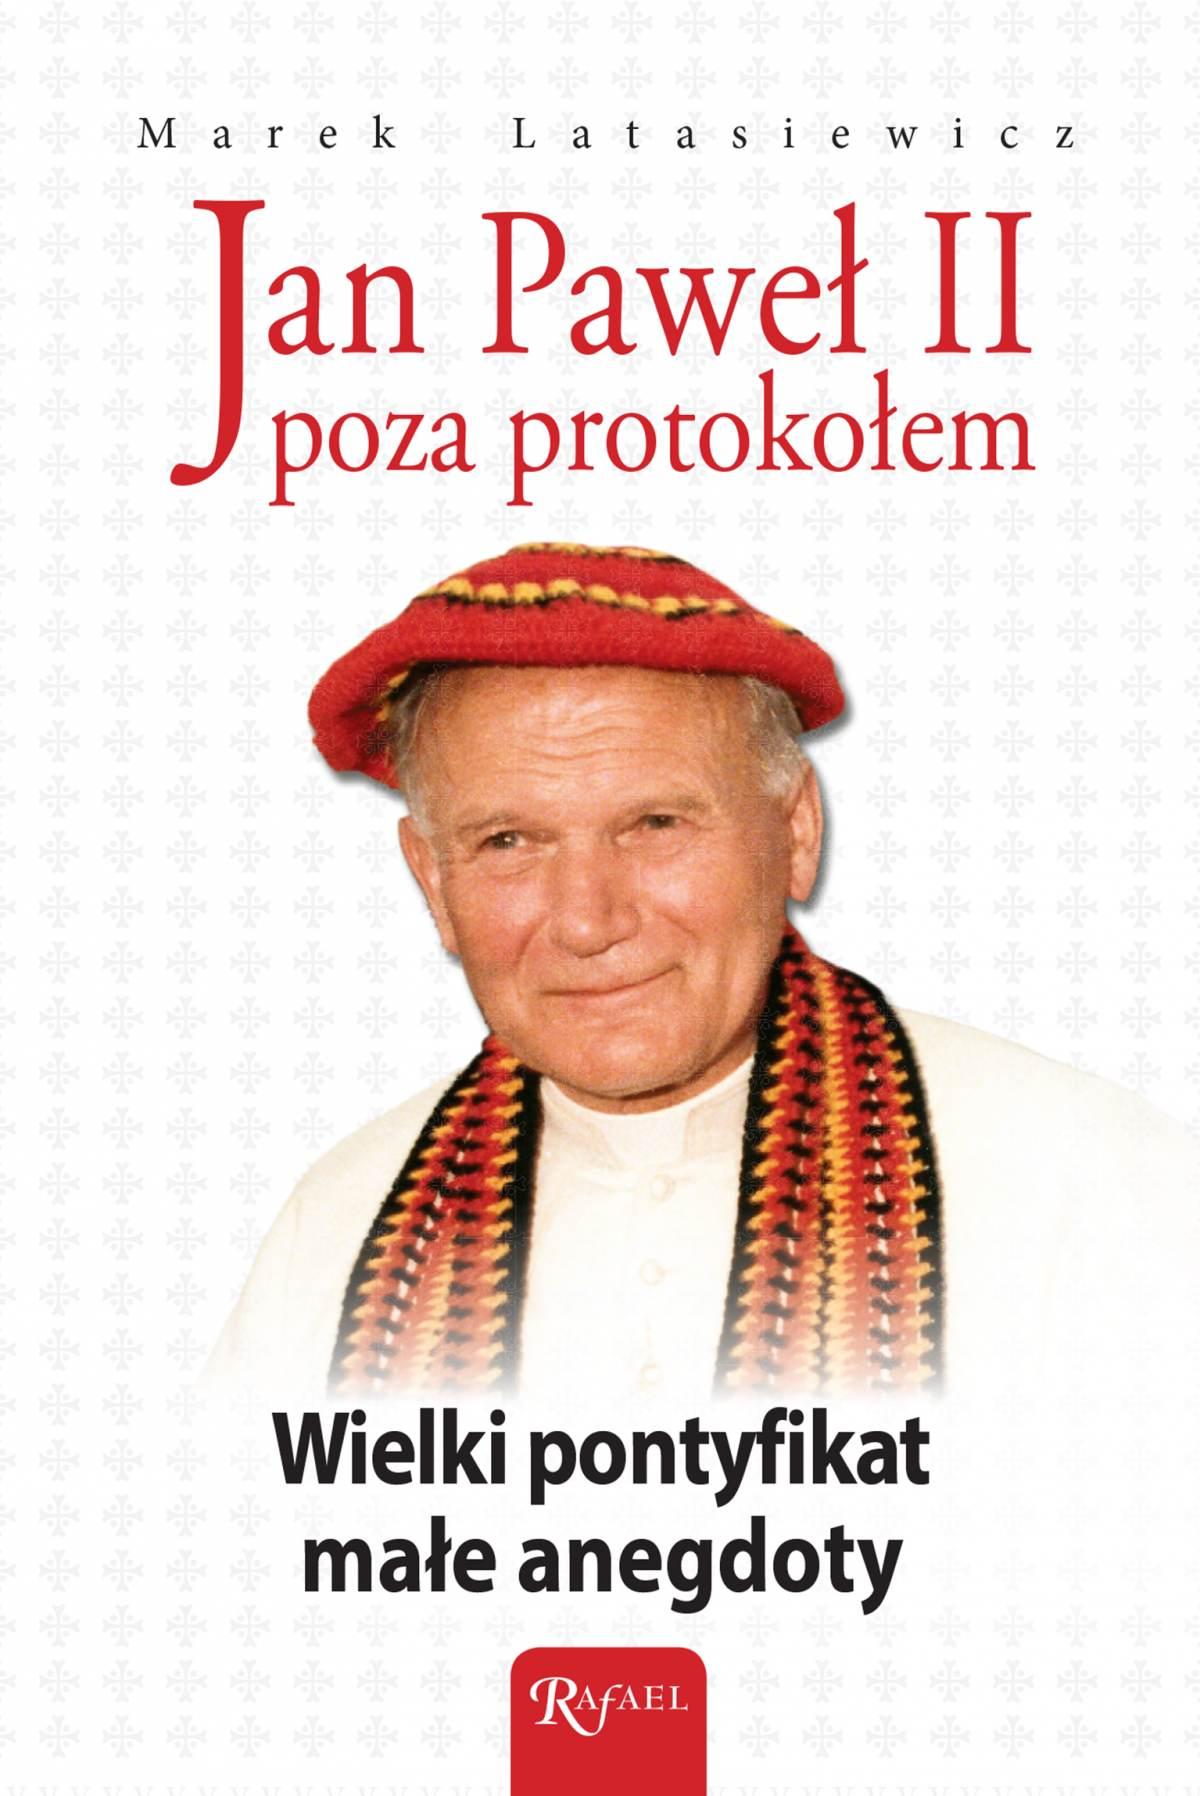 Jan Paweł II poza protokołem. Wielki pontyfikat, małe anegdoty - Ebook (Książka na Kindle) do pobrania w formacie MOBI